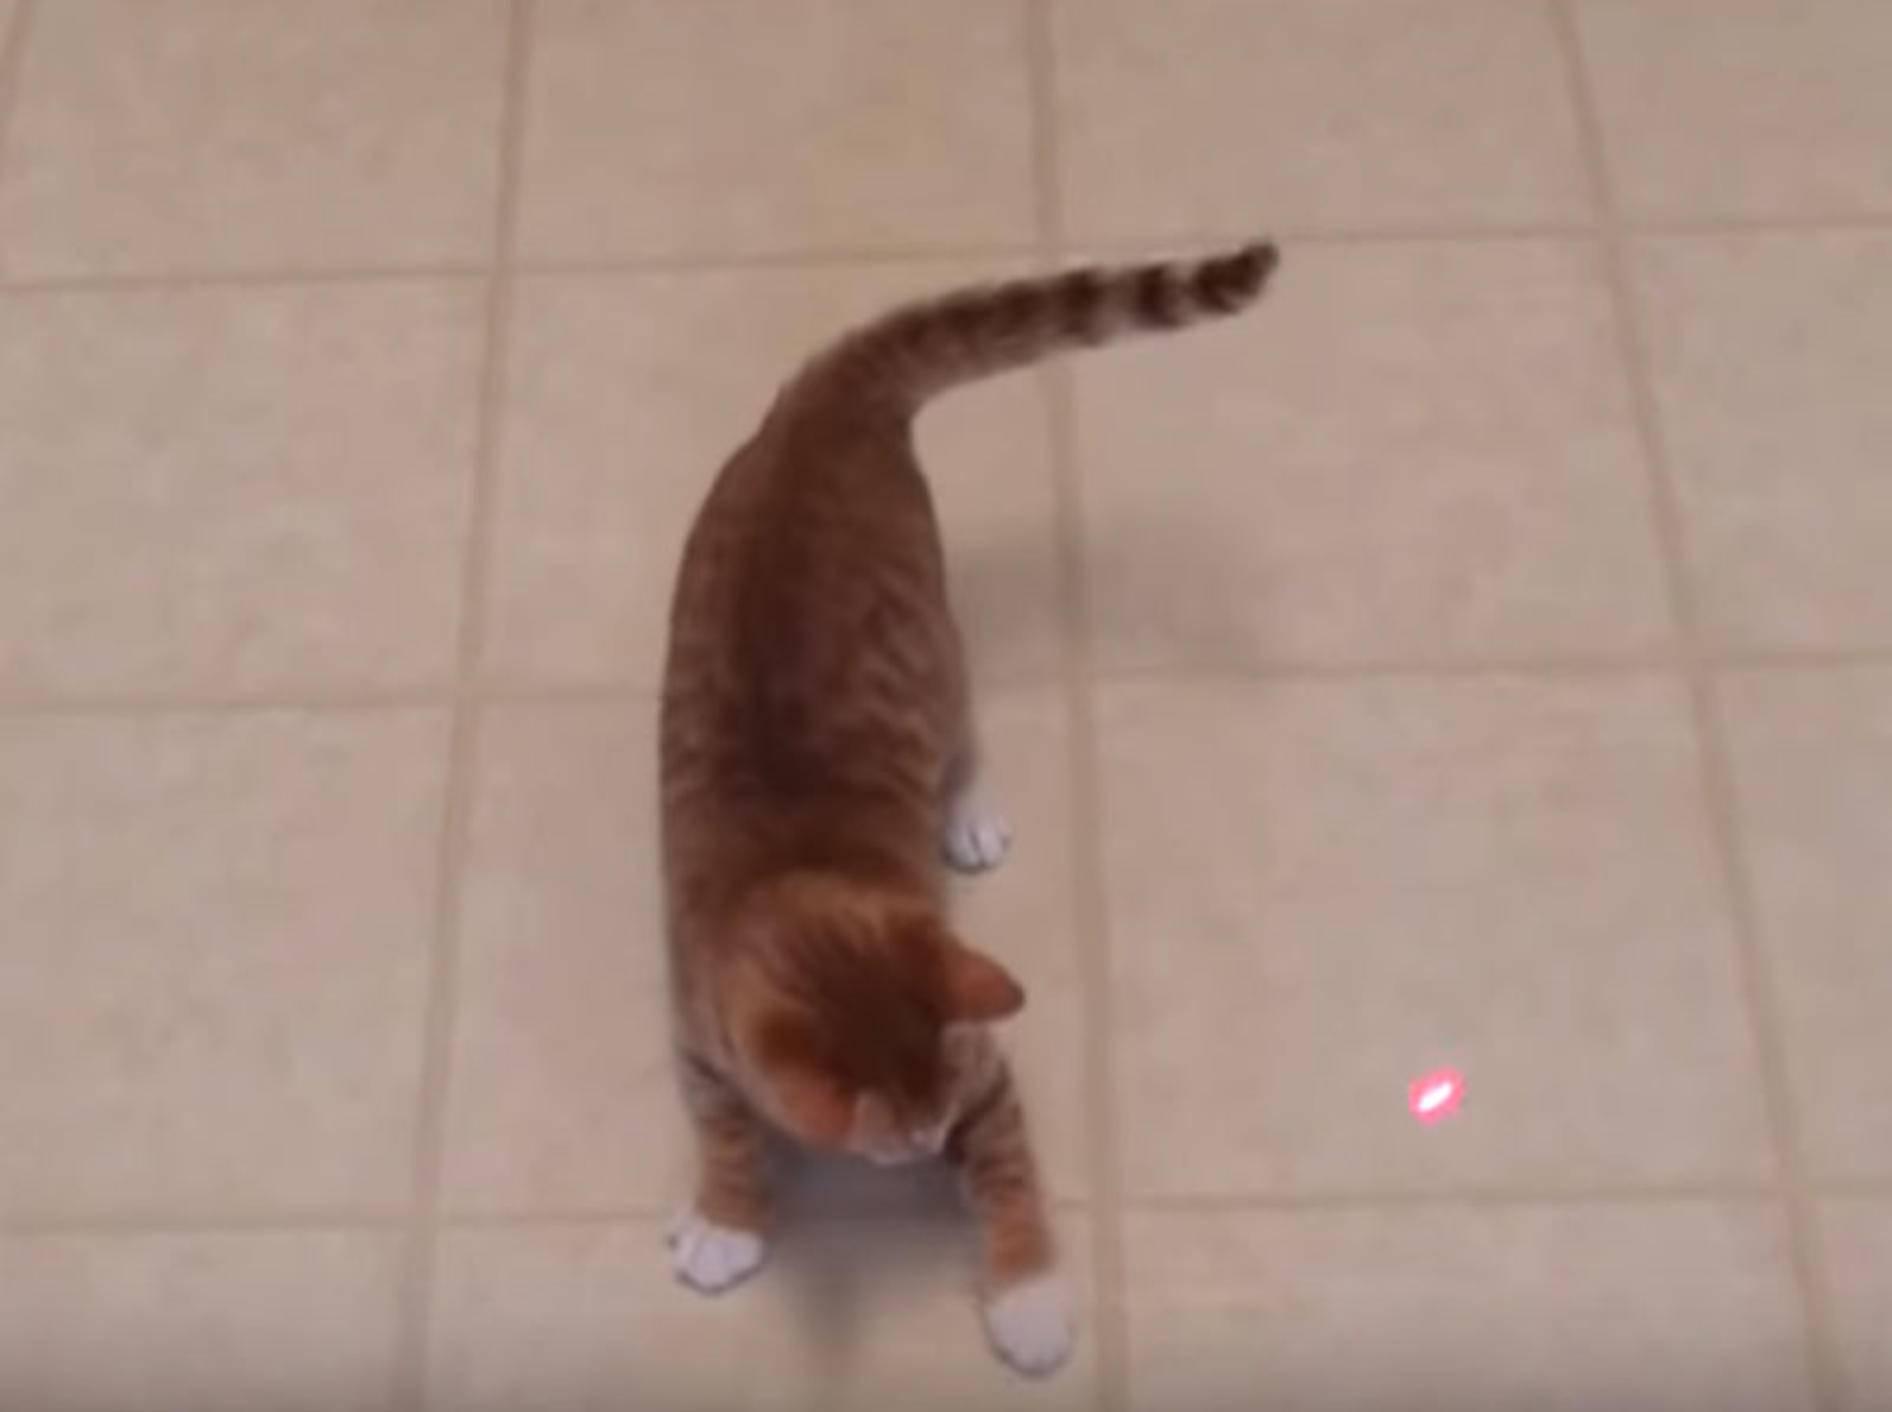 Dem Laserpunkt hinterher jagen - das können Cole und Marmalade gut - Bild: YouTube / Cole and Marmalade